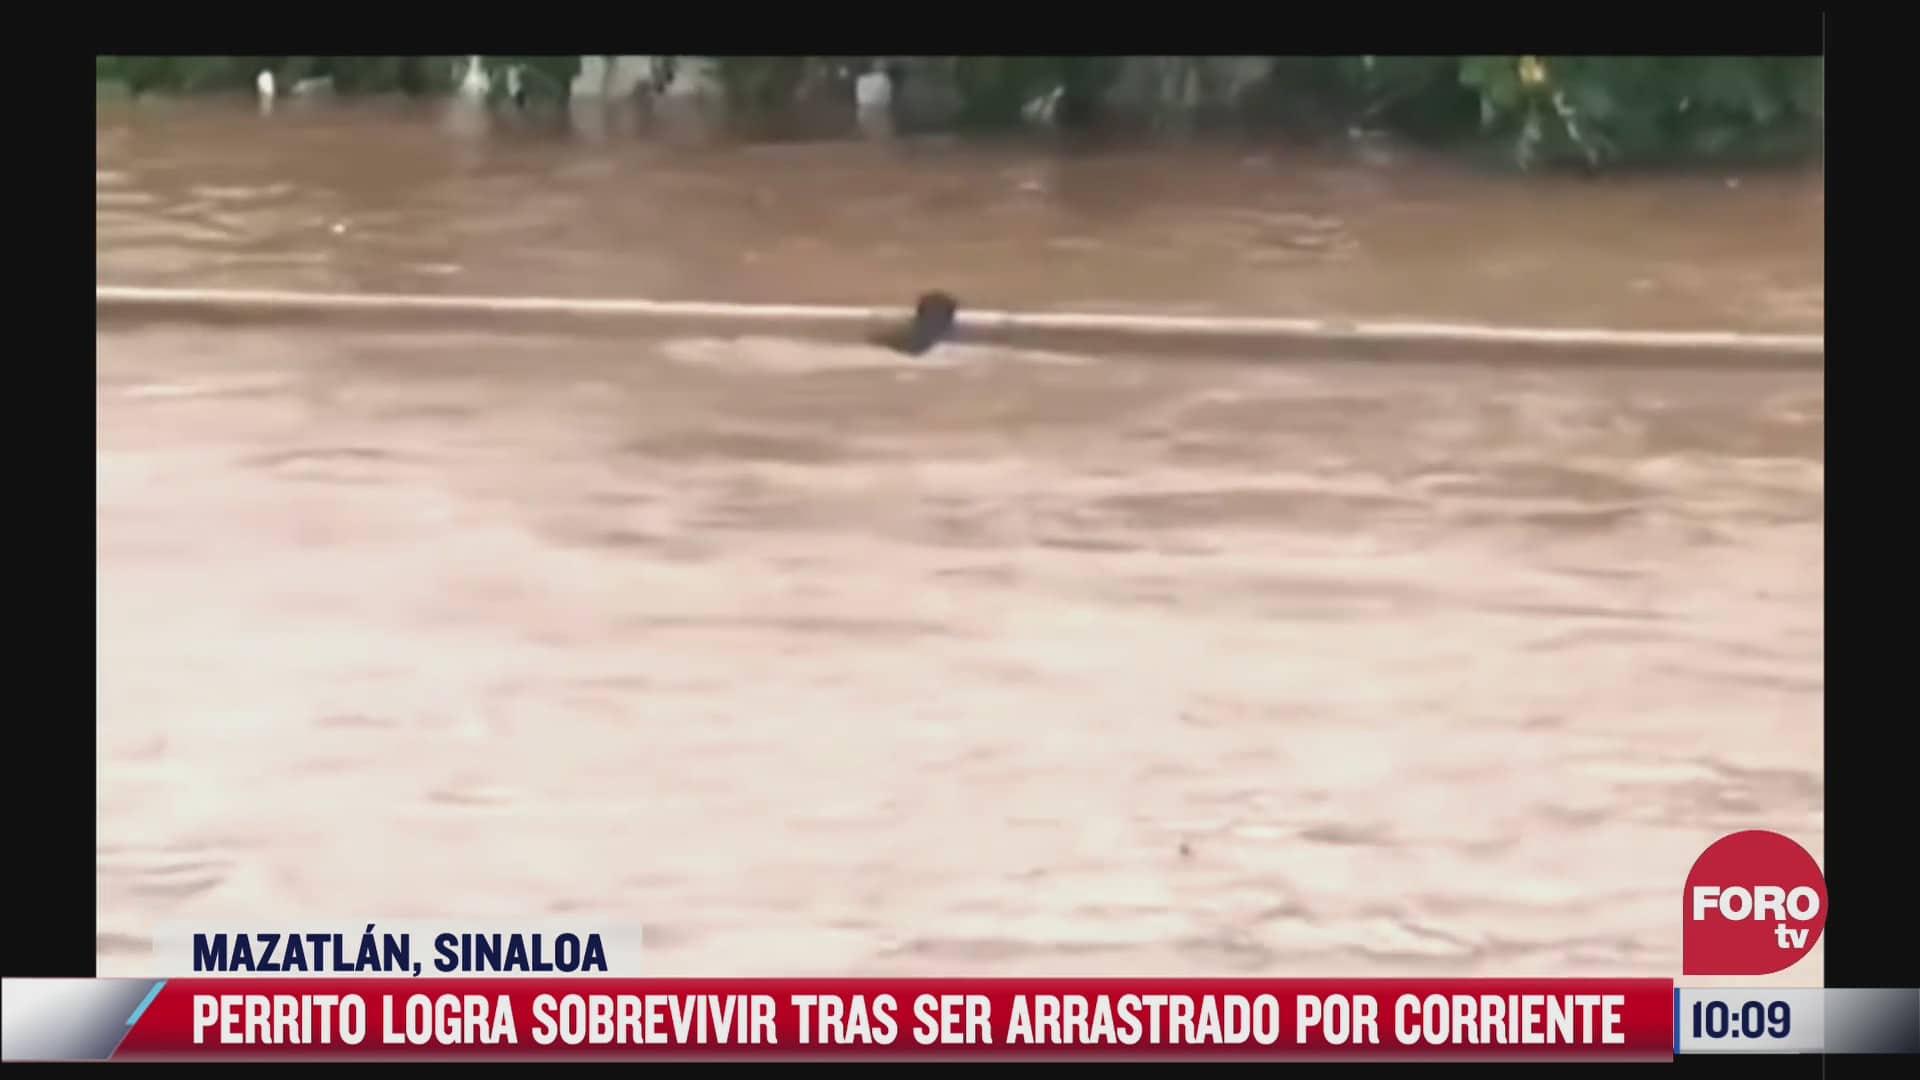 perrito logra sobrevivir tras ser arrastrado por corriente de rio